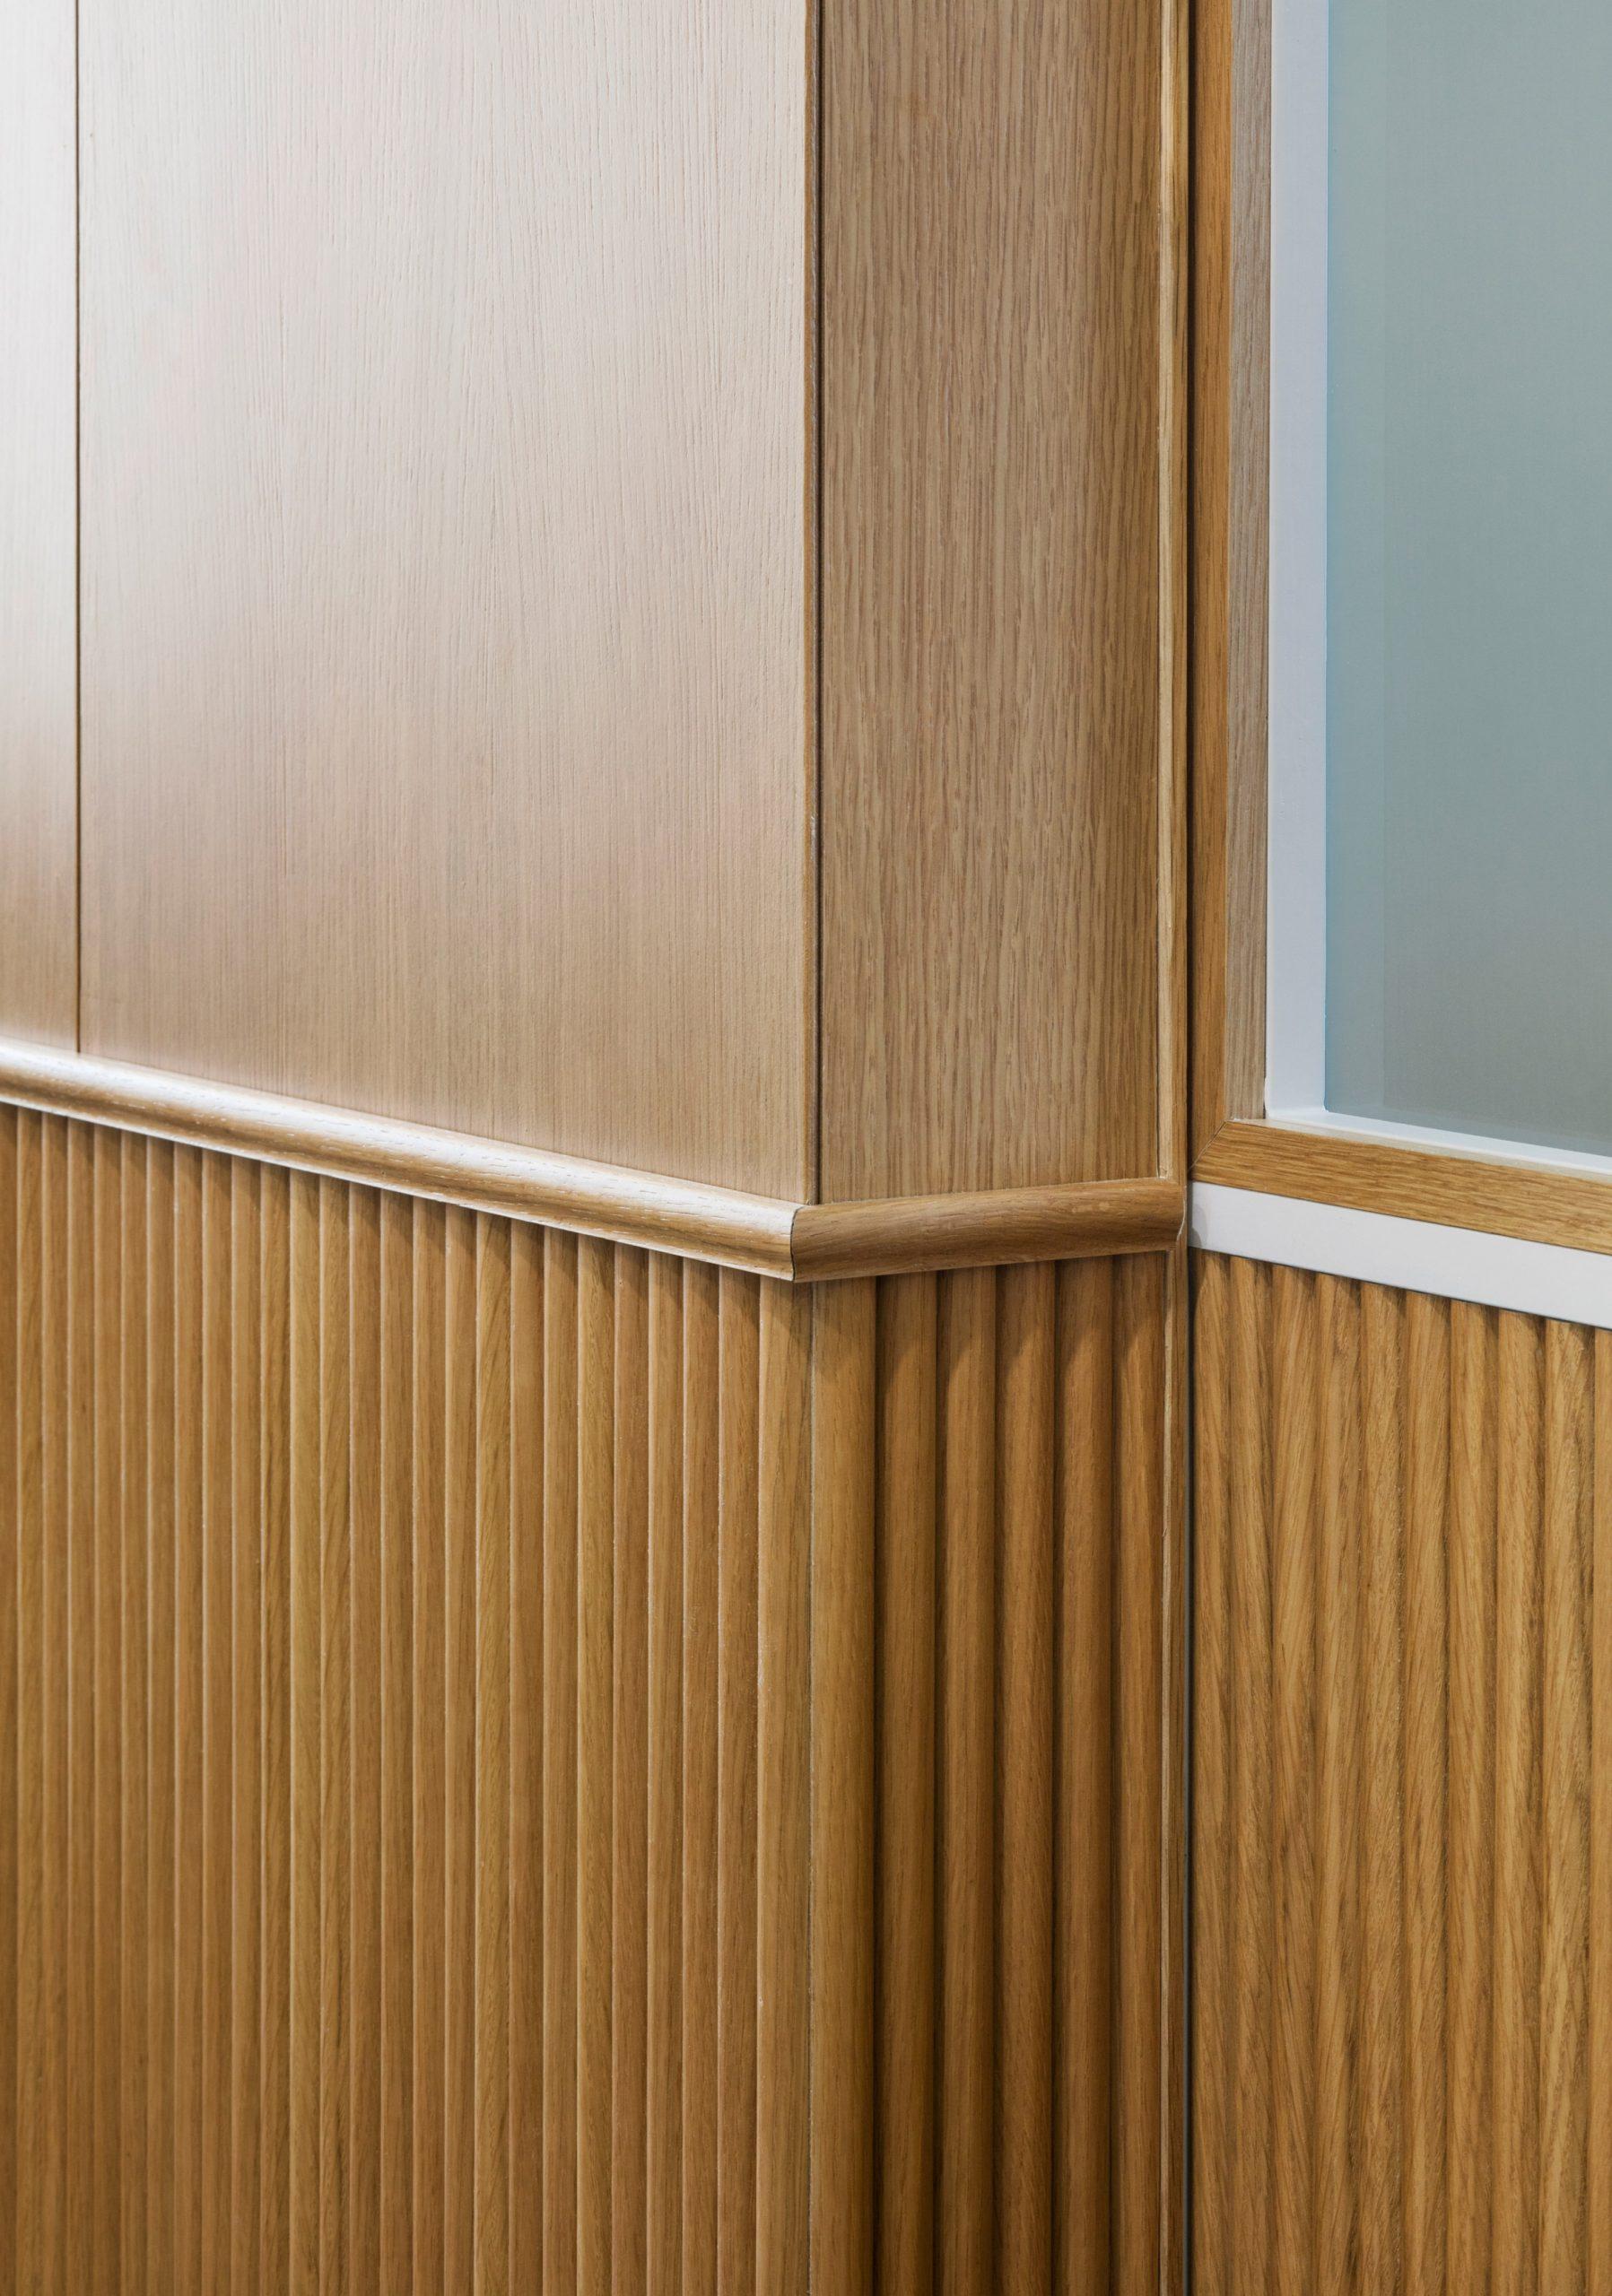 Thiết kế nội thất nhà hàng hàn quốc 5